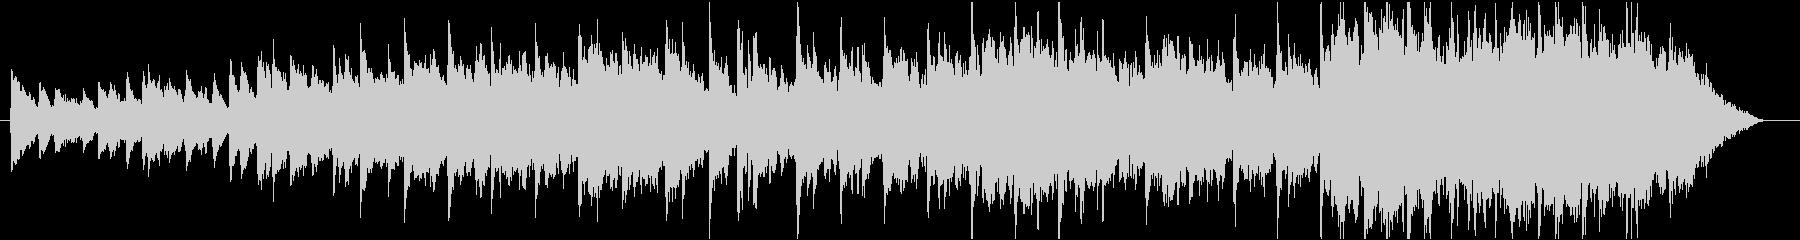 バラード、ルパンぽいヨーロピアンBGMの未再生の波形